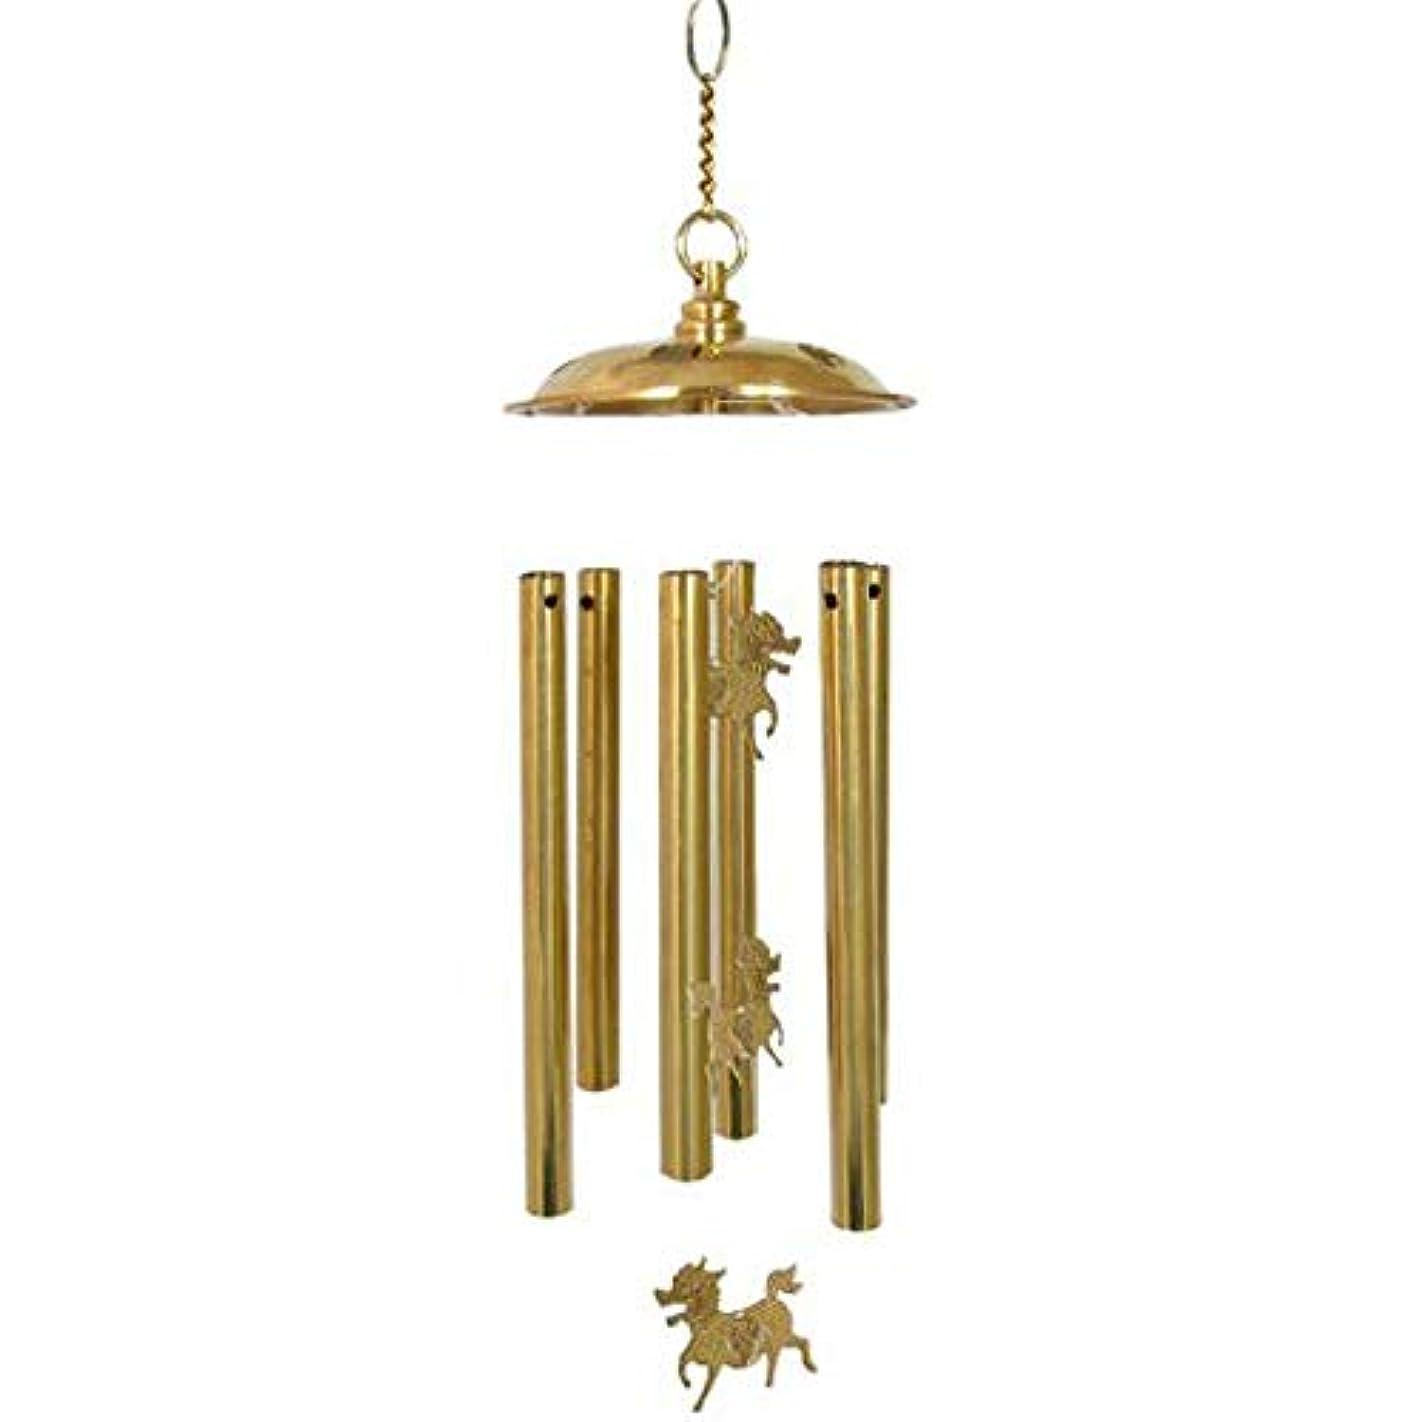 神聖のために首相Hongyushanghang 風チャイム、ホーム銅風チャイム、ゴールド、全身について48センチメートル,、ジュエリークリエイティブホリデーギフトを掛ける